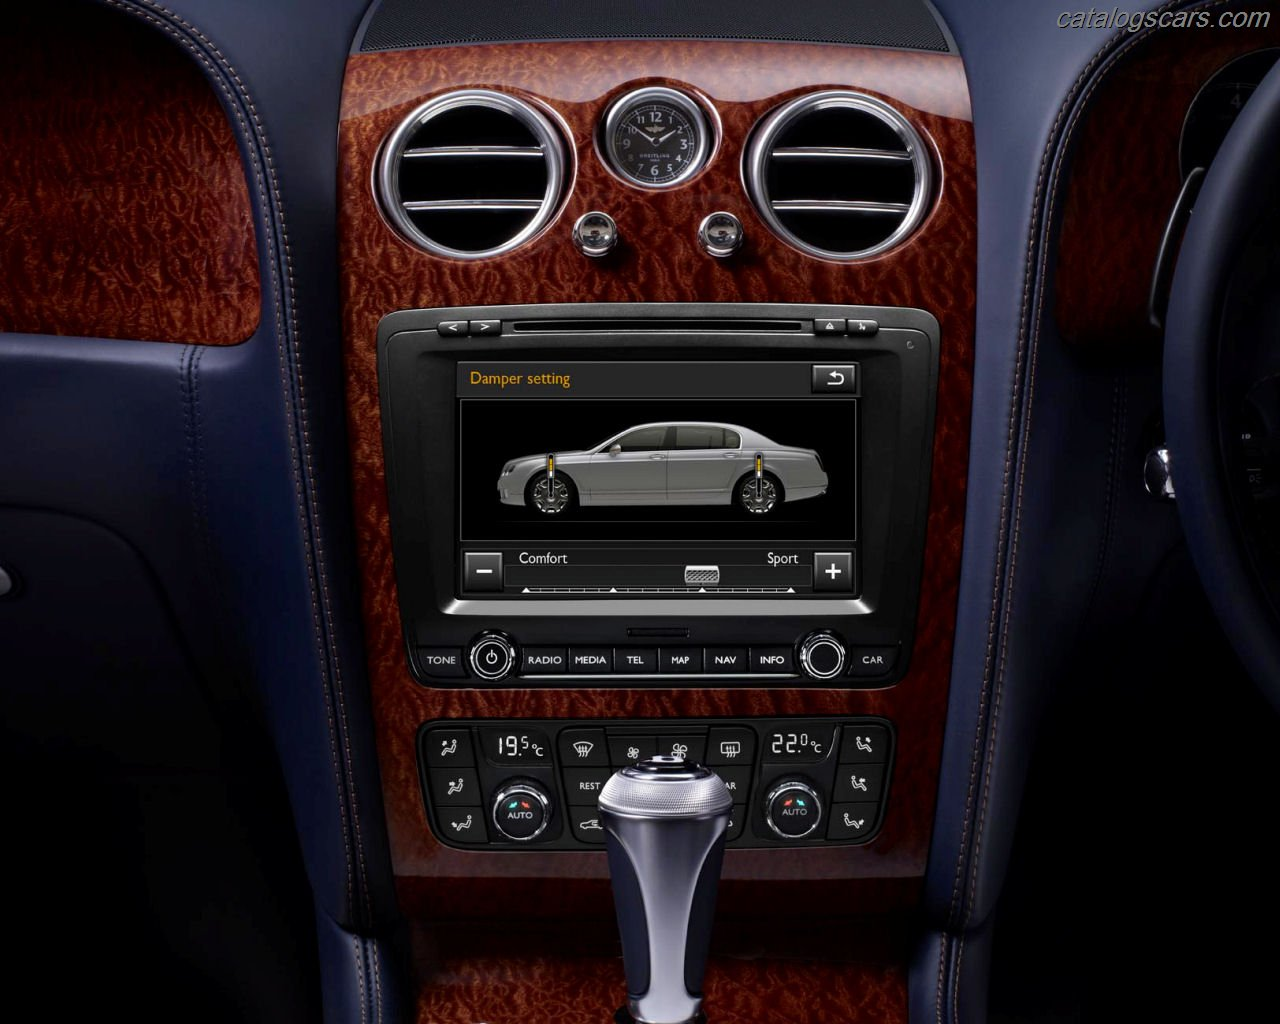 صور سيارة بنتلى كونتيننتال سيريس 51 2014 - اجمل خلفيات صور عربية بنتلى كونتيننتال سيريس 51 2014 - Bentley Continental Series 51 Photos Bentley-Continental-Series-51-2011-10.jpg